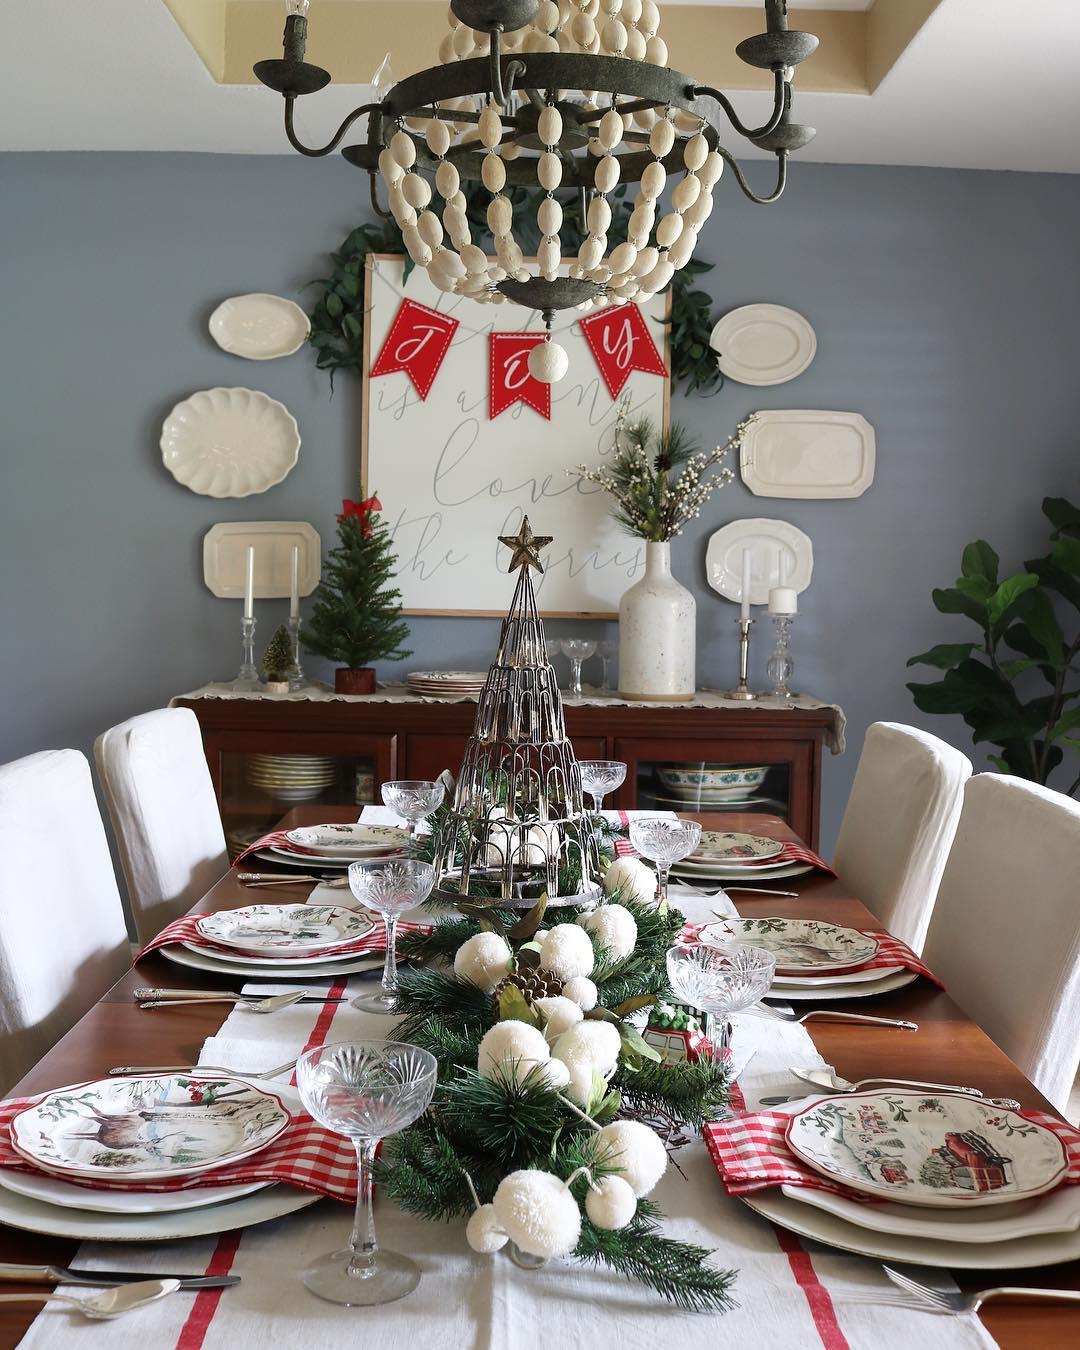 Decoração de natal para sala de jantar com pratos natalinas.